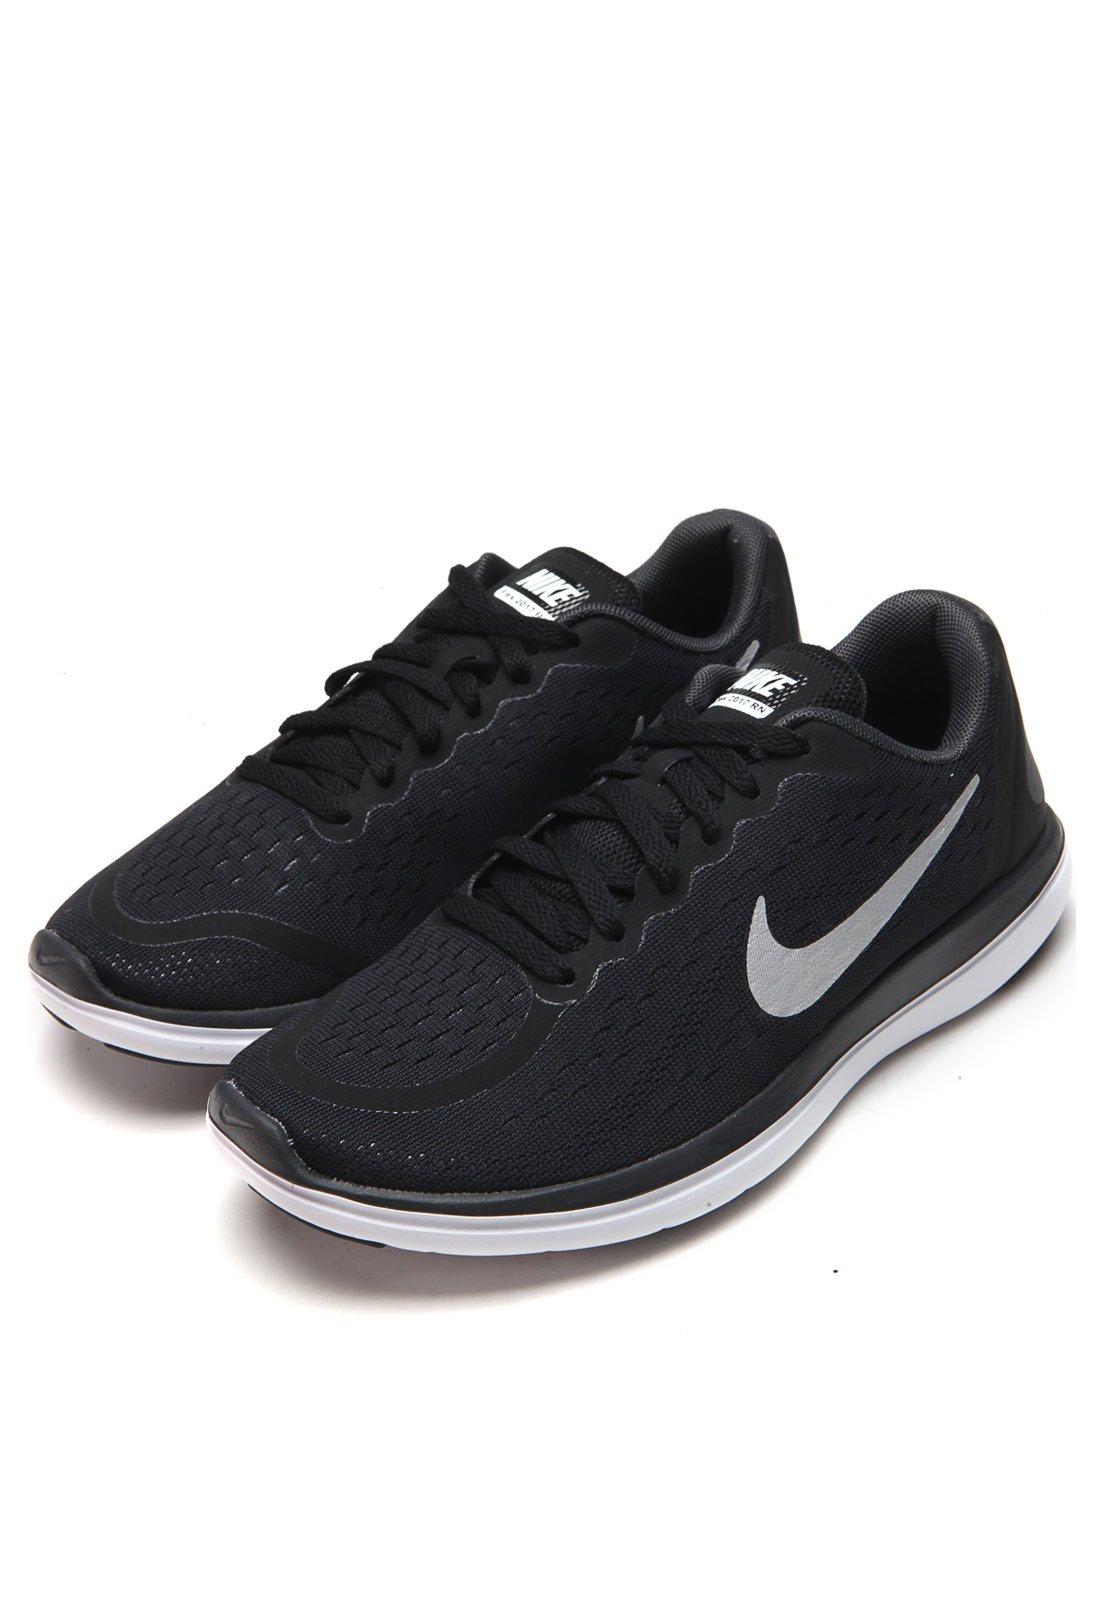 Secretario templado Perforación  Tênis Nike Flex RN 2017 (GS) Running Preto - Compre Agora | Kanui Brasil